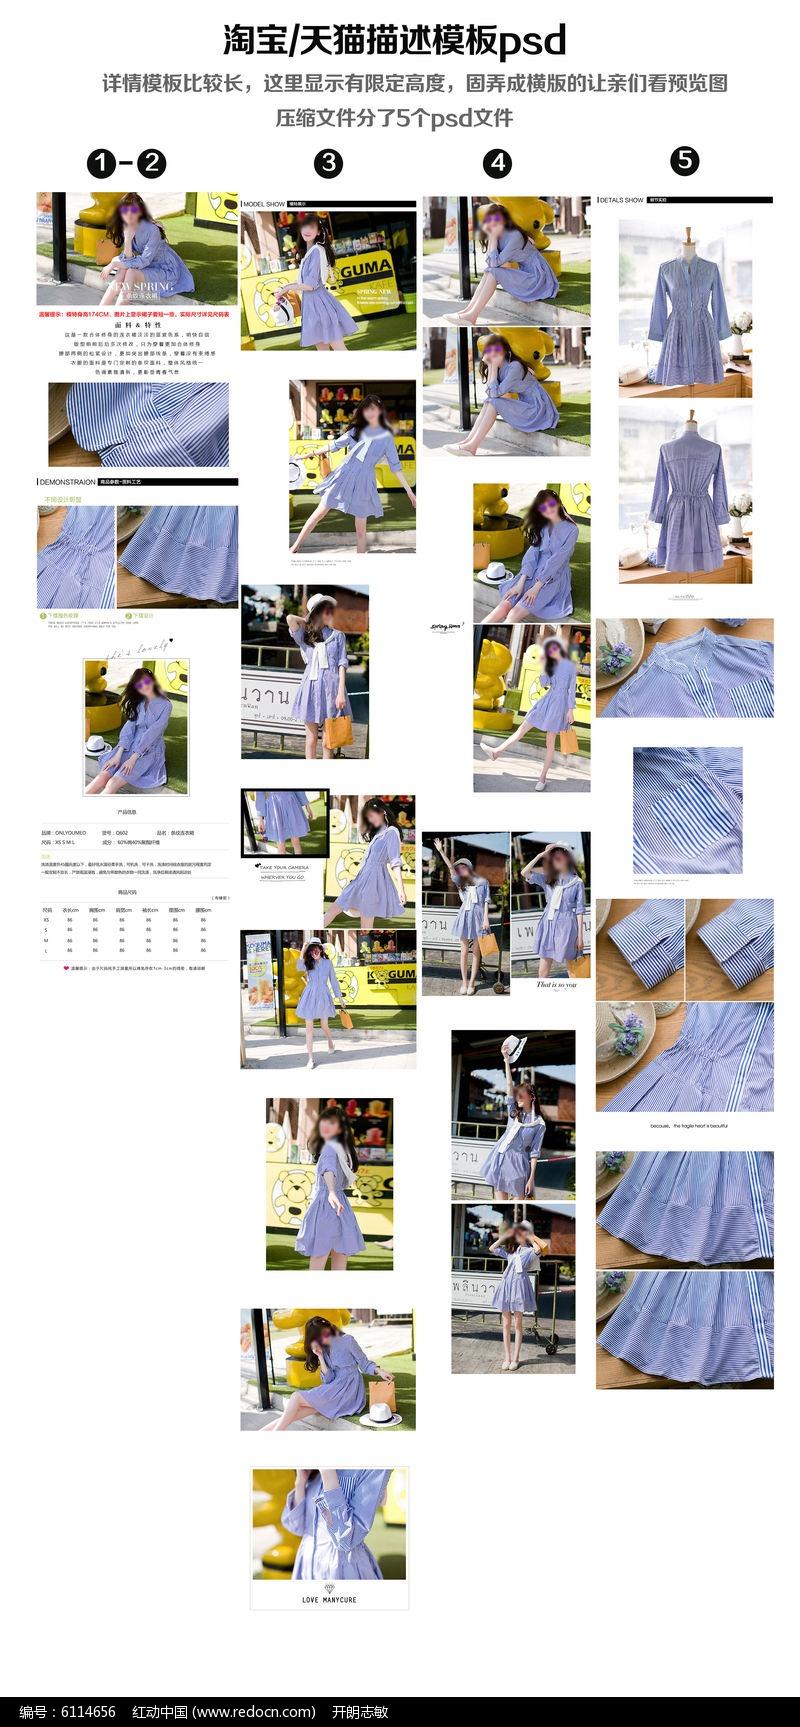 天猫春夏女装连衣裙描述详情细节模板psd图片